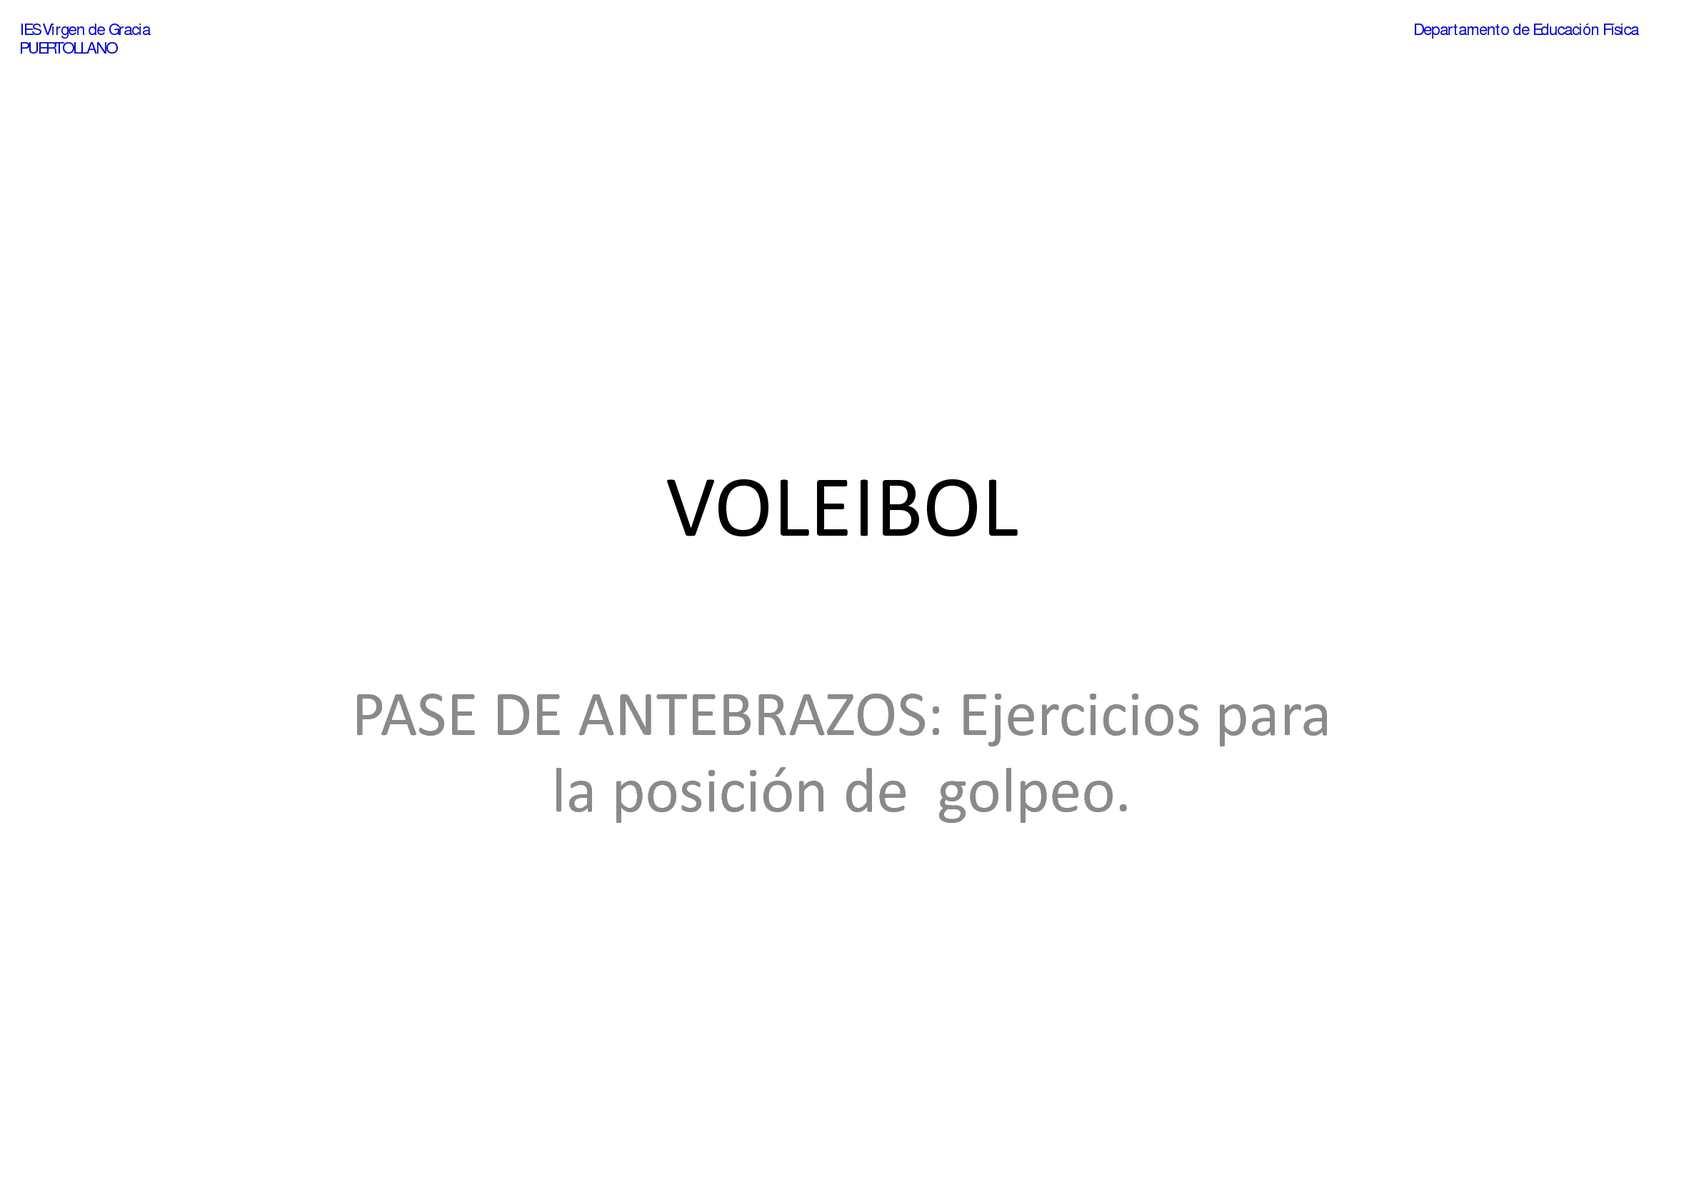 VOLEIBOL - Pase de Antebrazos - Ejercicios para la posición de golpeo